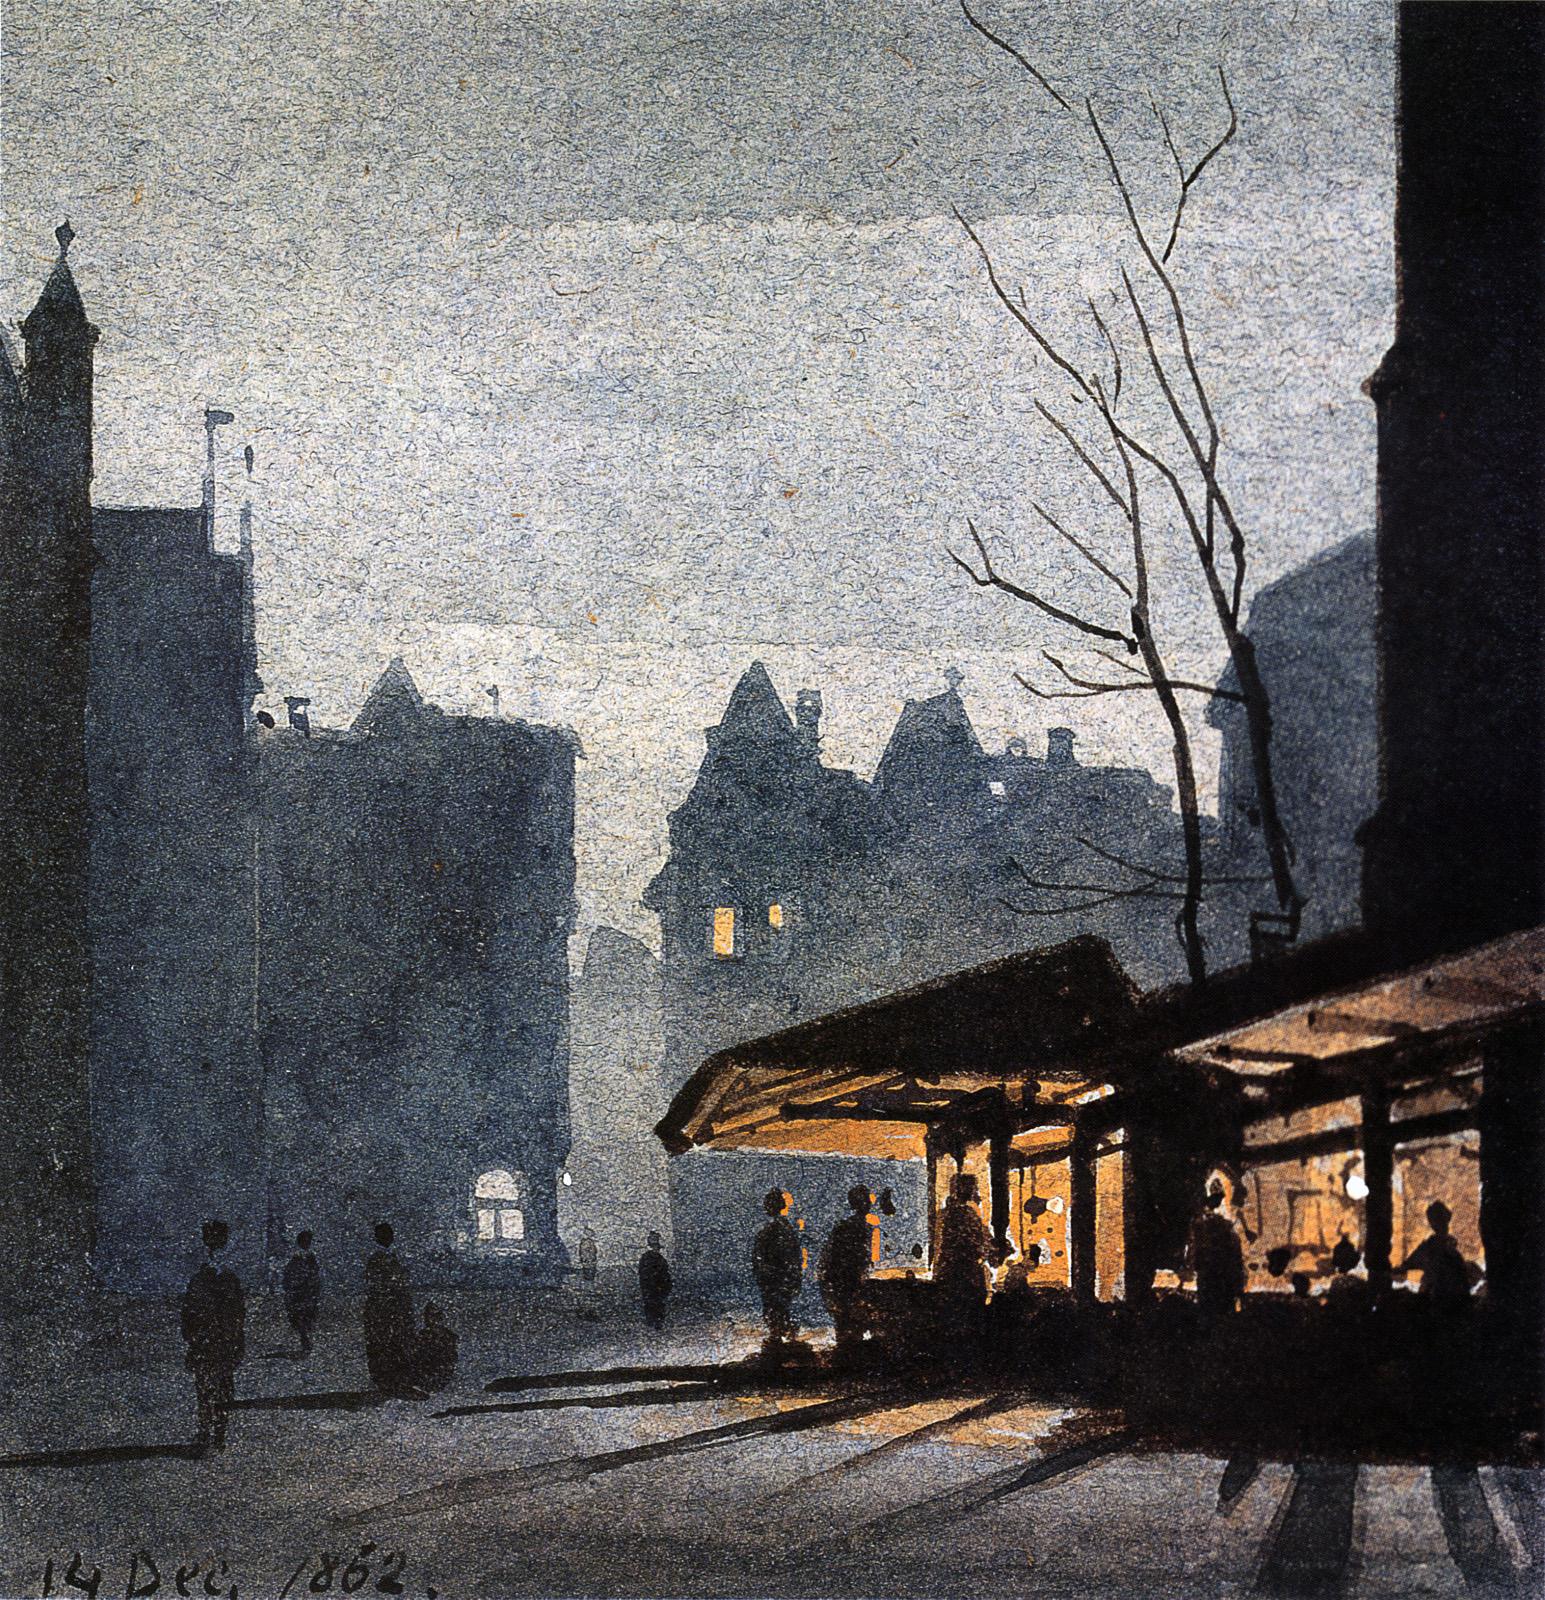 Weihnachtsmarkt Frankfurt Main.File Frankfurt Am Main Carl Theodor Reiffenstein 1822kk1993 012